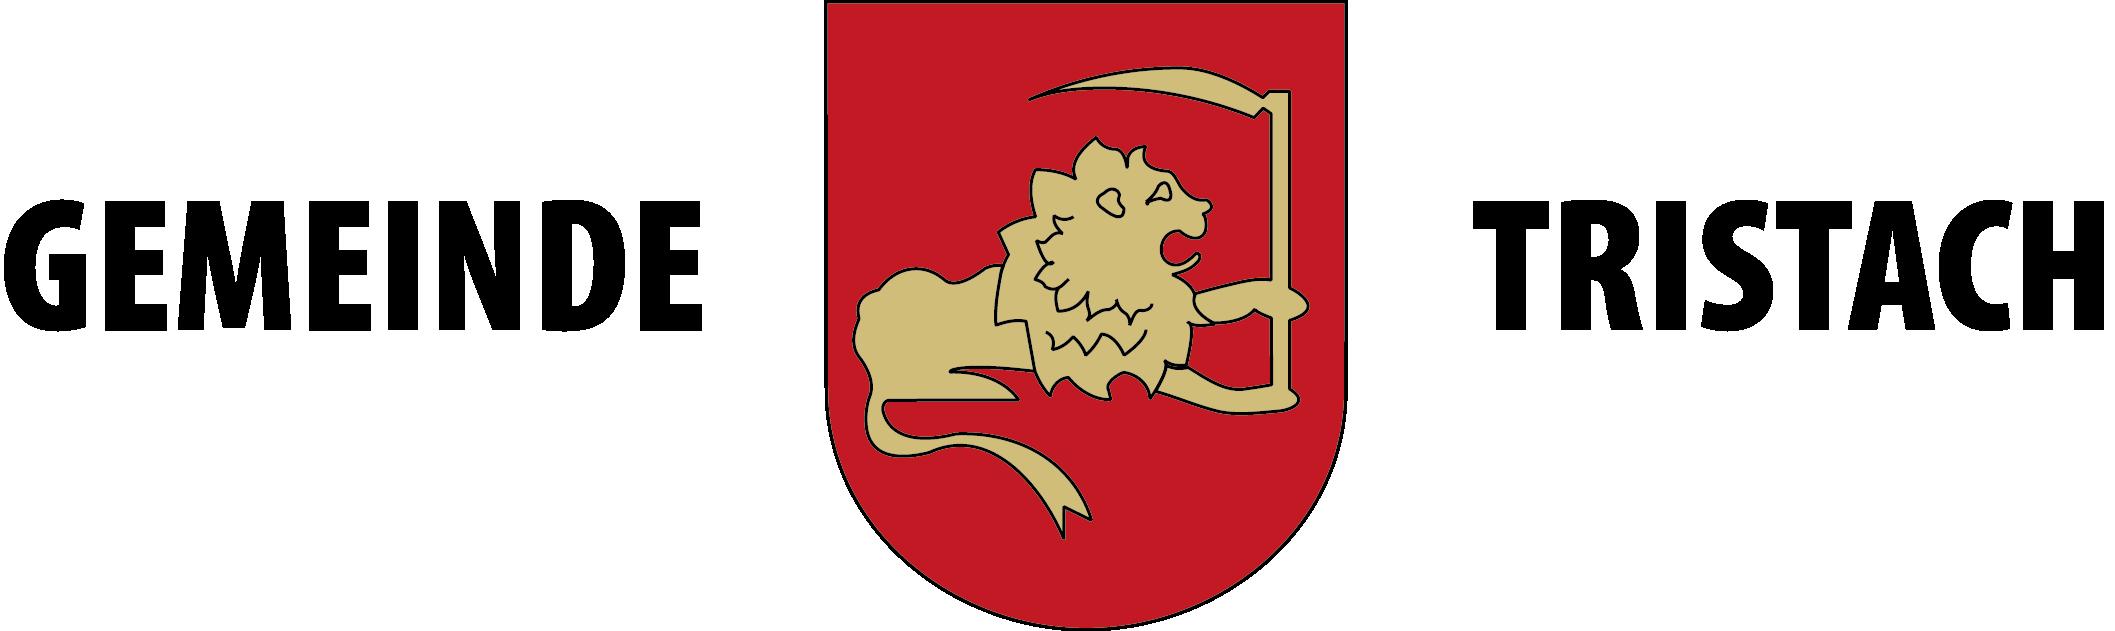 Gemeinde Tristach